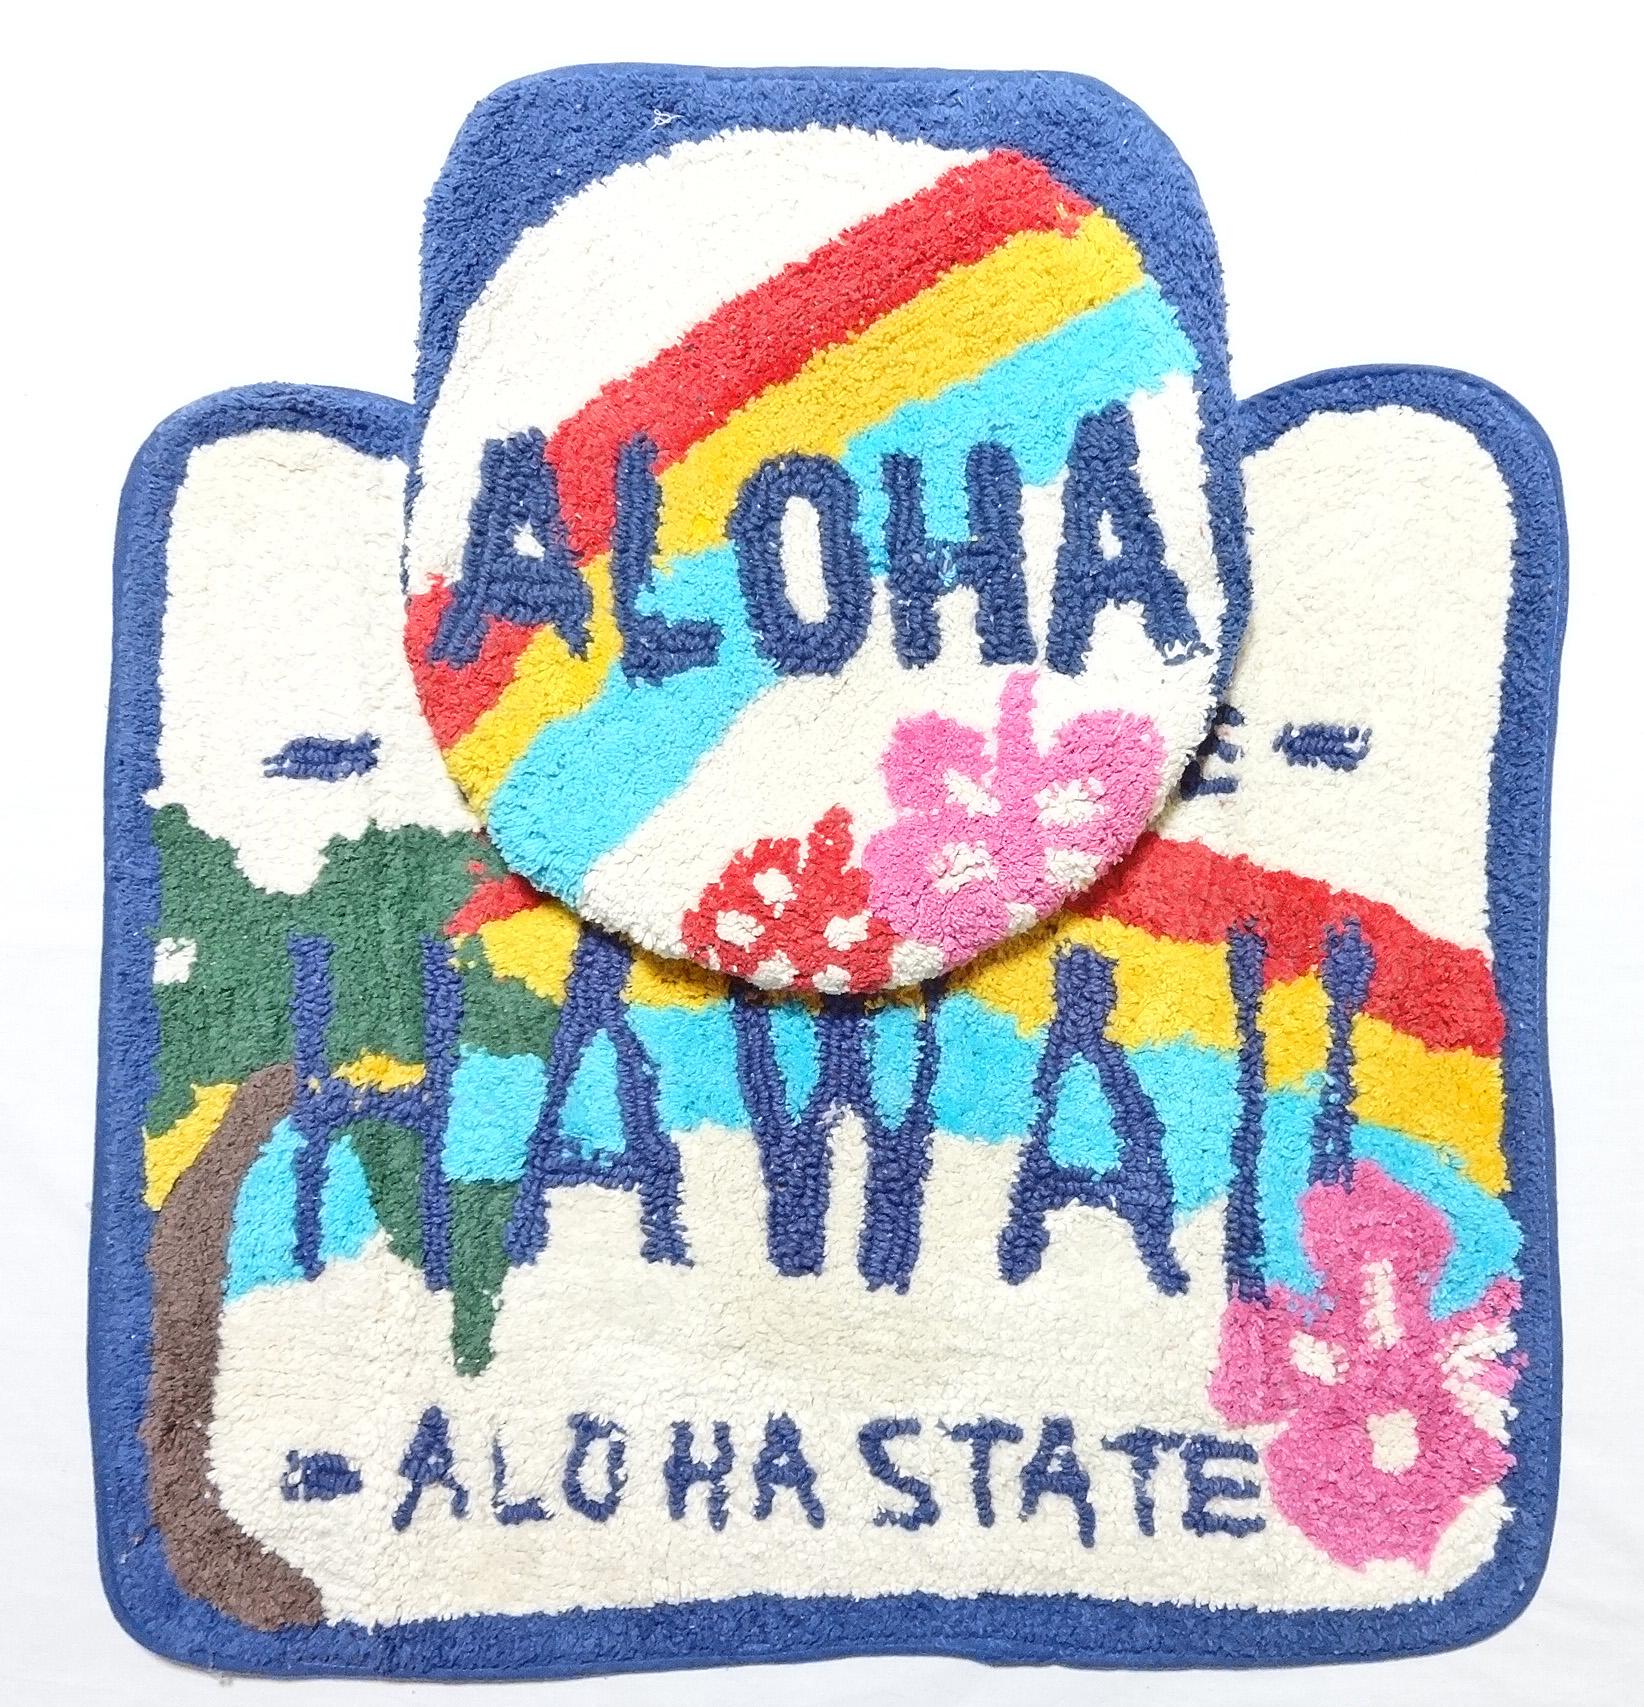 ハワイアン・トイレセット/ライセンスプレート